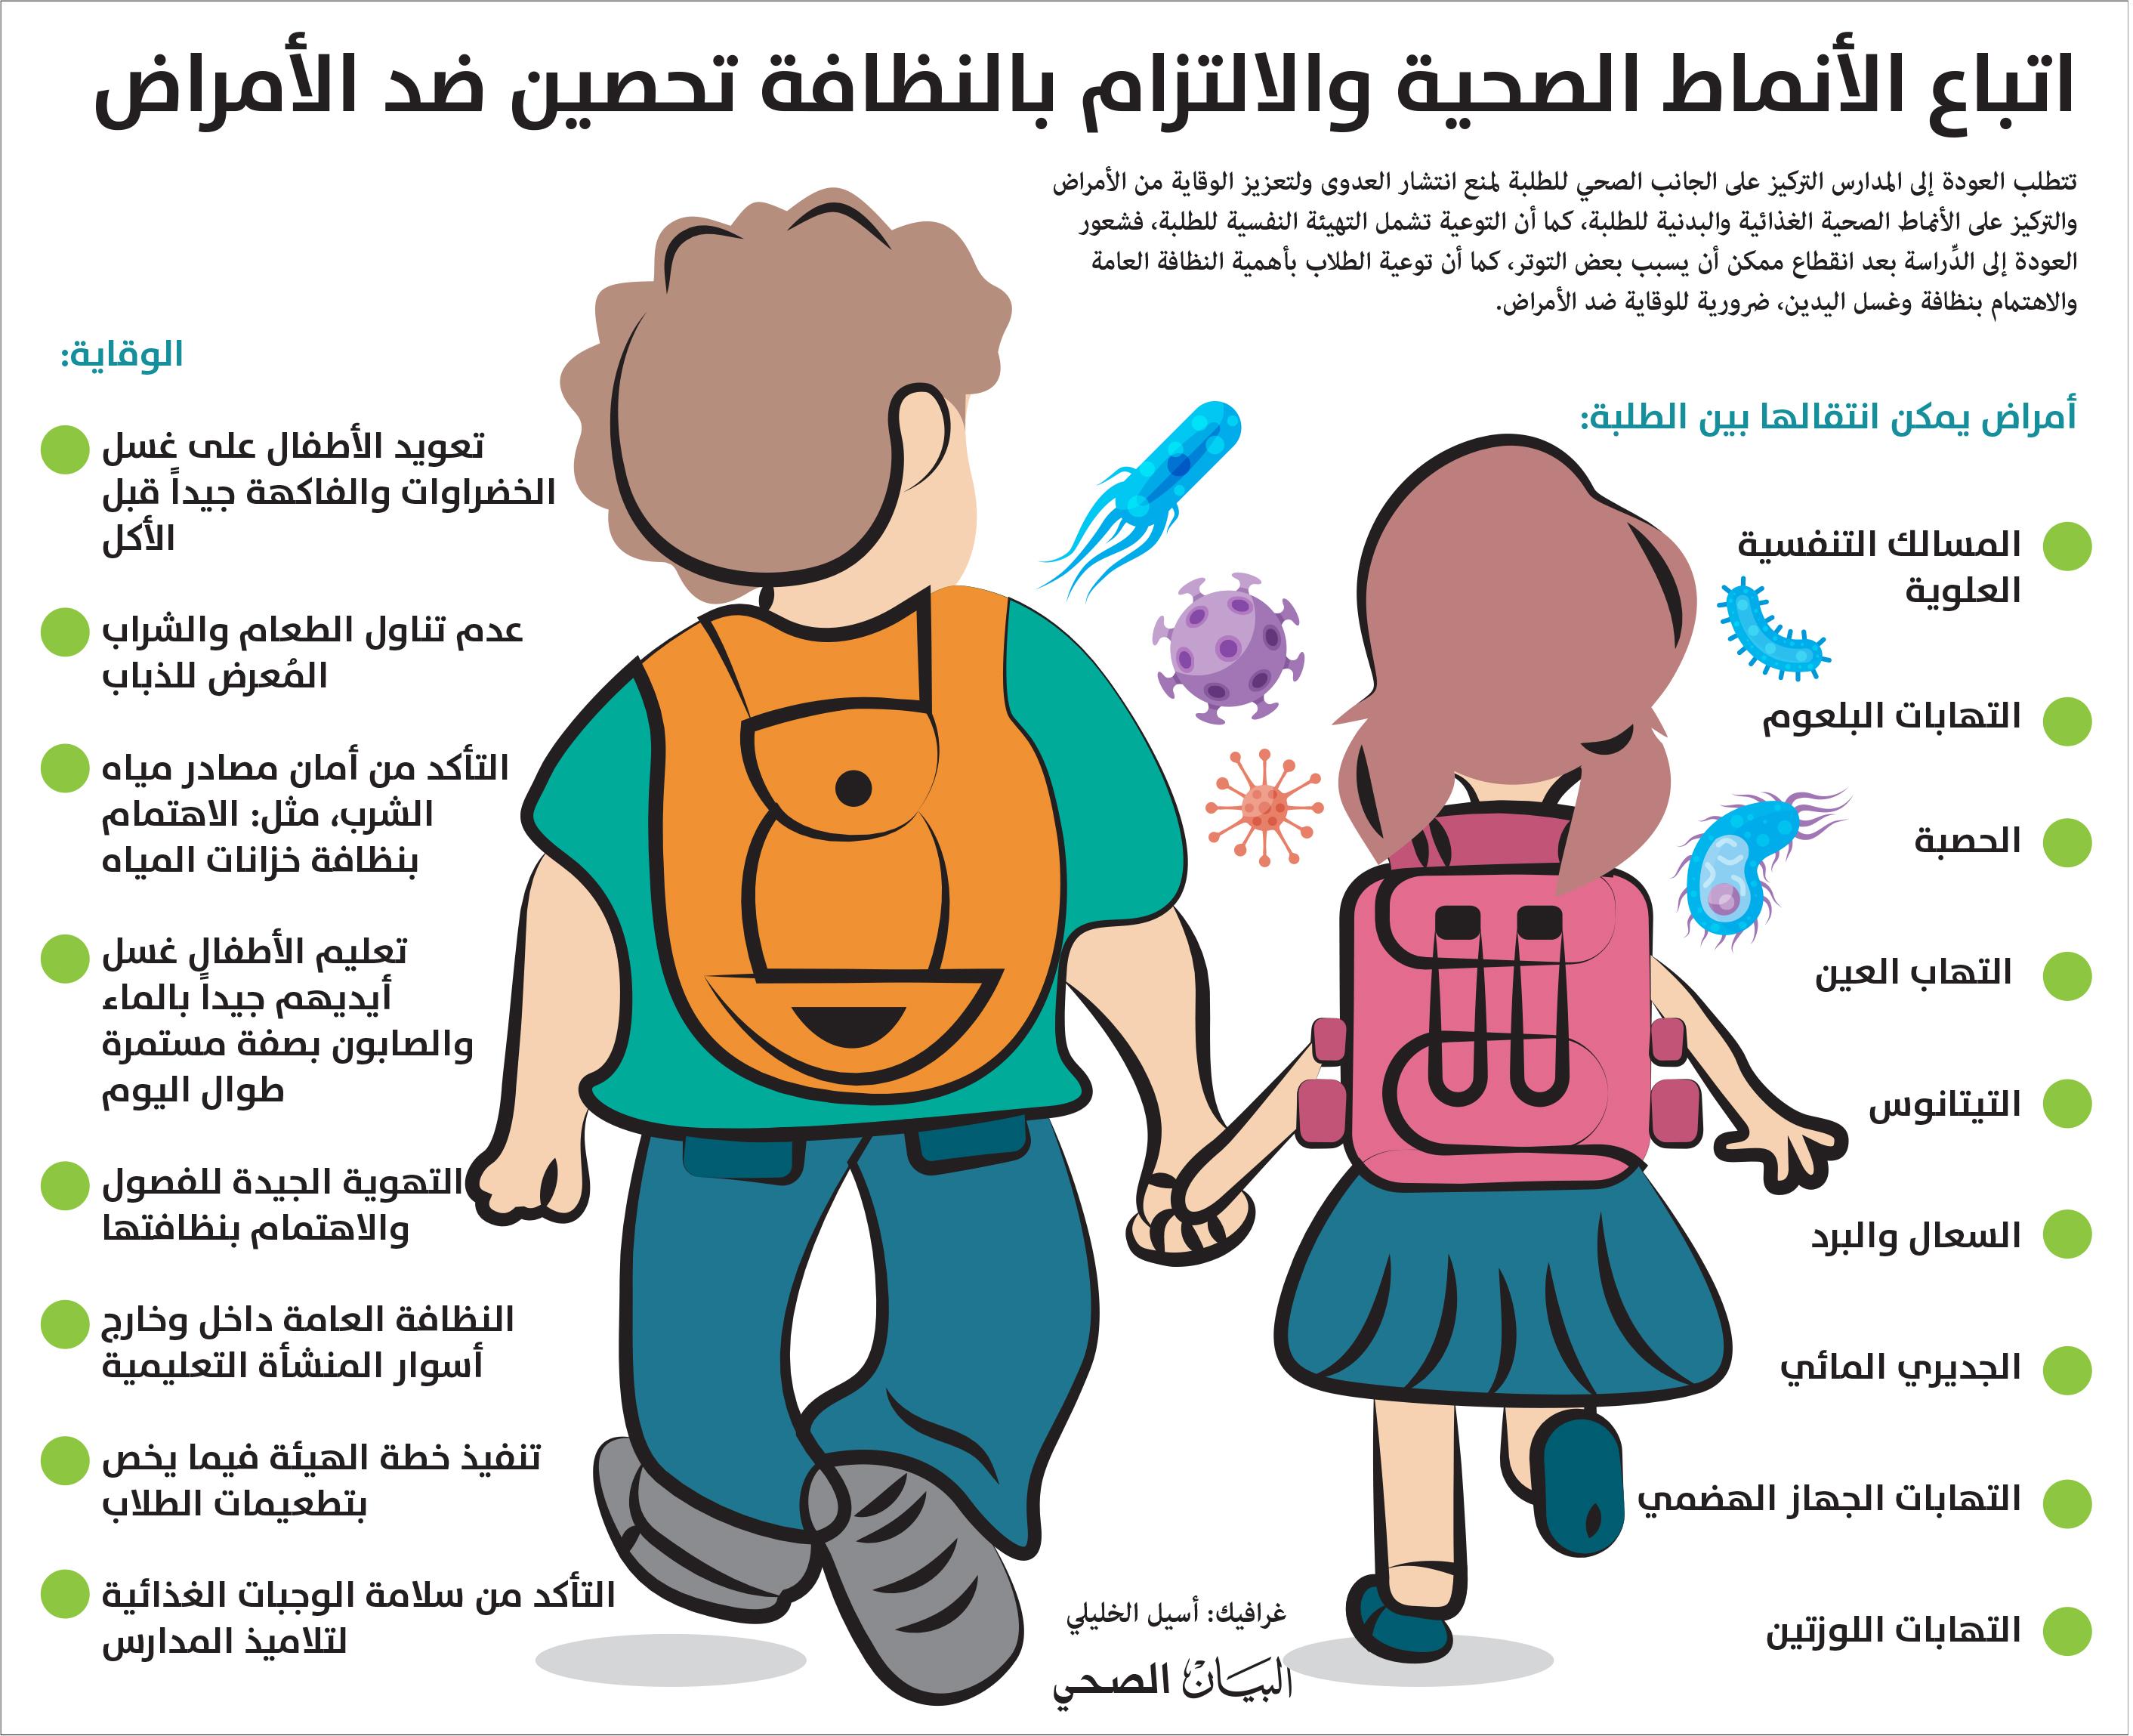 الصحة المدرسية توفير بيئة تعليمية آمنة تعزيزا لسلامة المجتمع البيان الصحي ملف العدد البيان